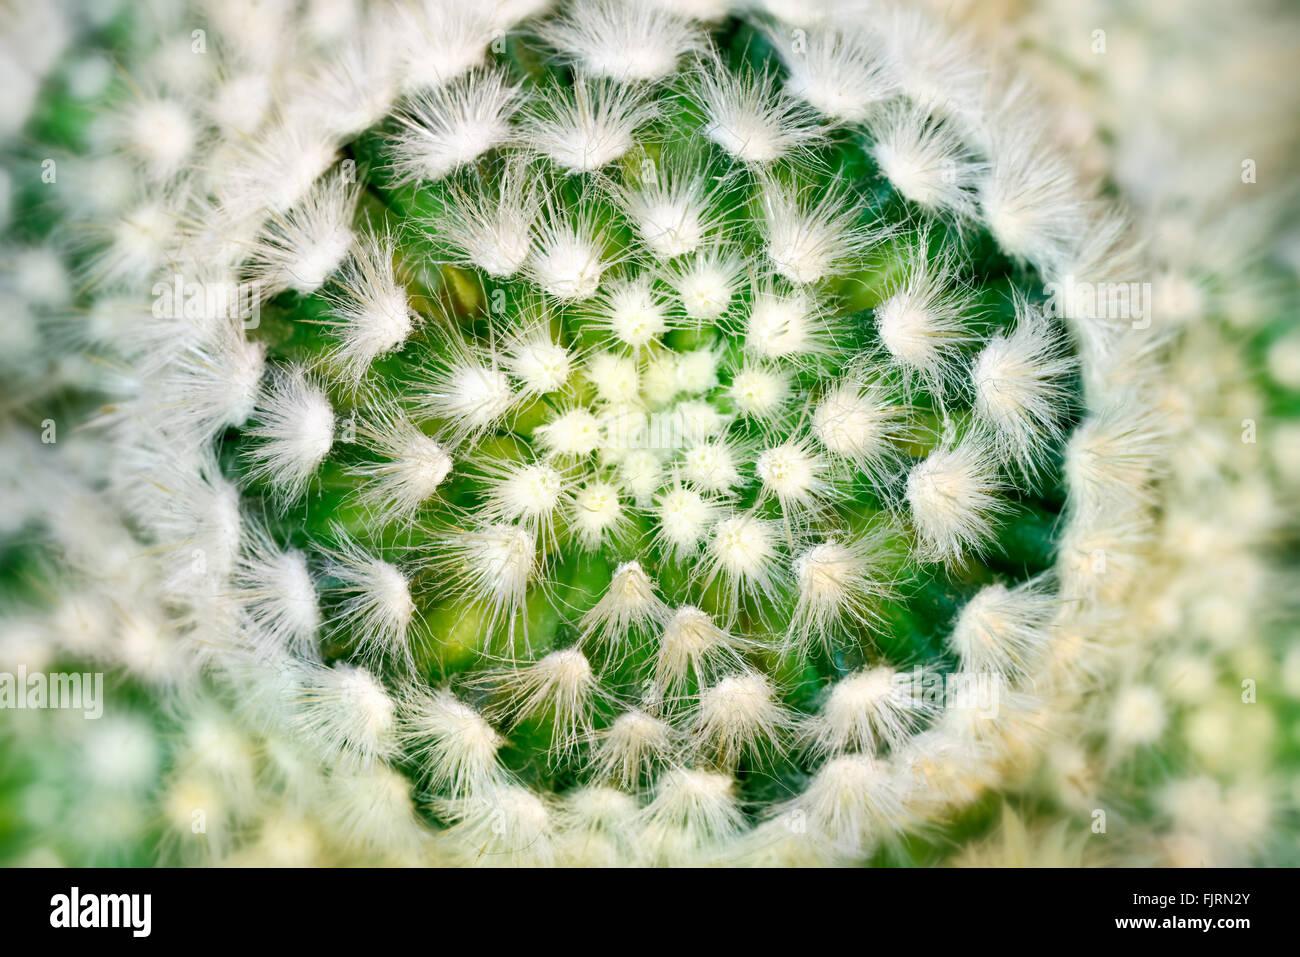 Plantes et arbres: cactus, close-up, motif floral abstrait Photo Stock